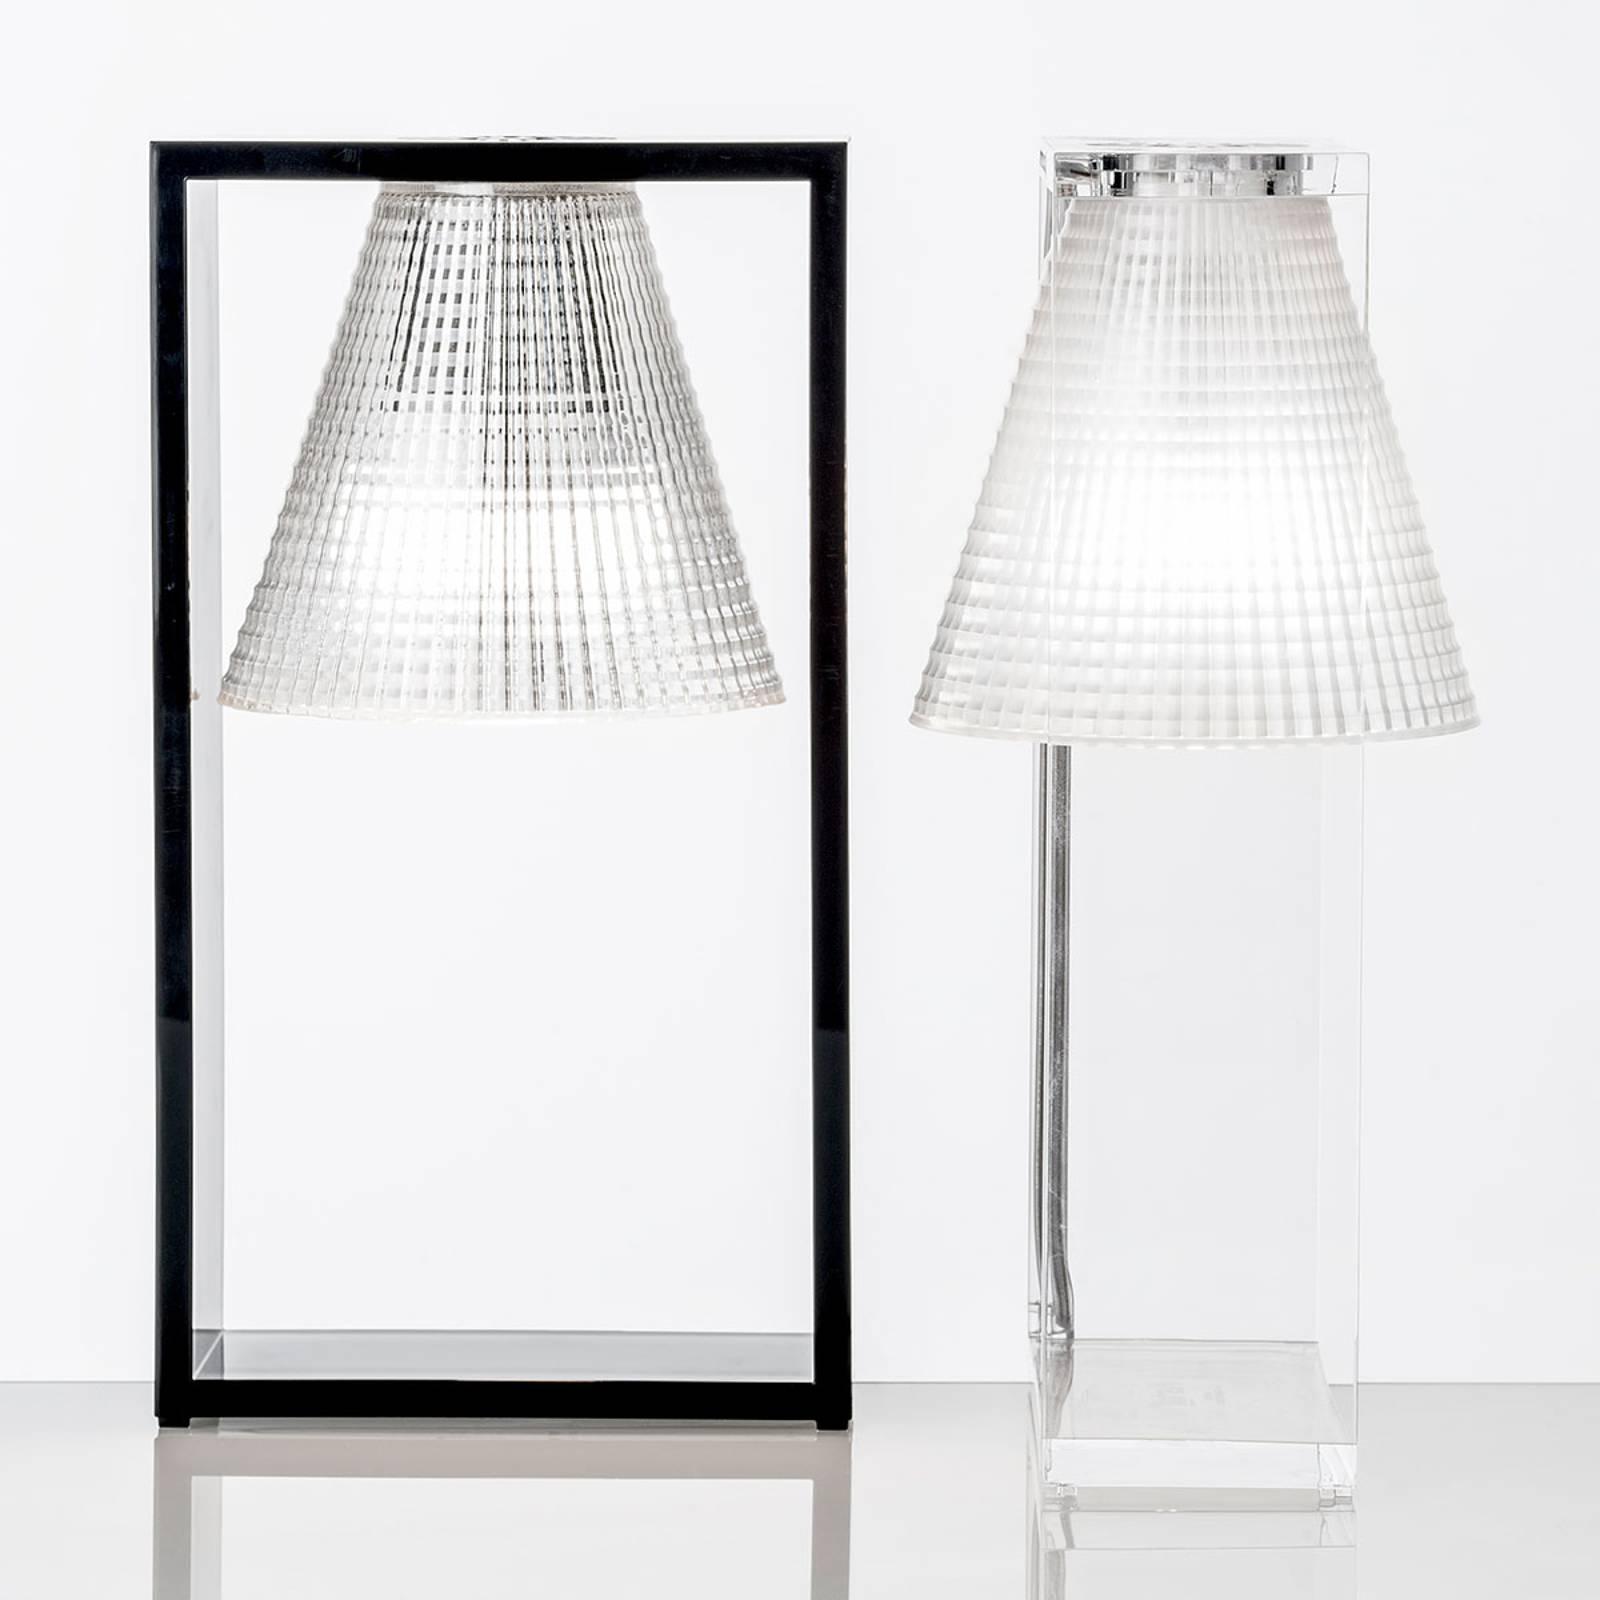 Design-LED-pöytälamppu Light-Air, musta/läpinäkyvä